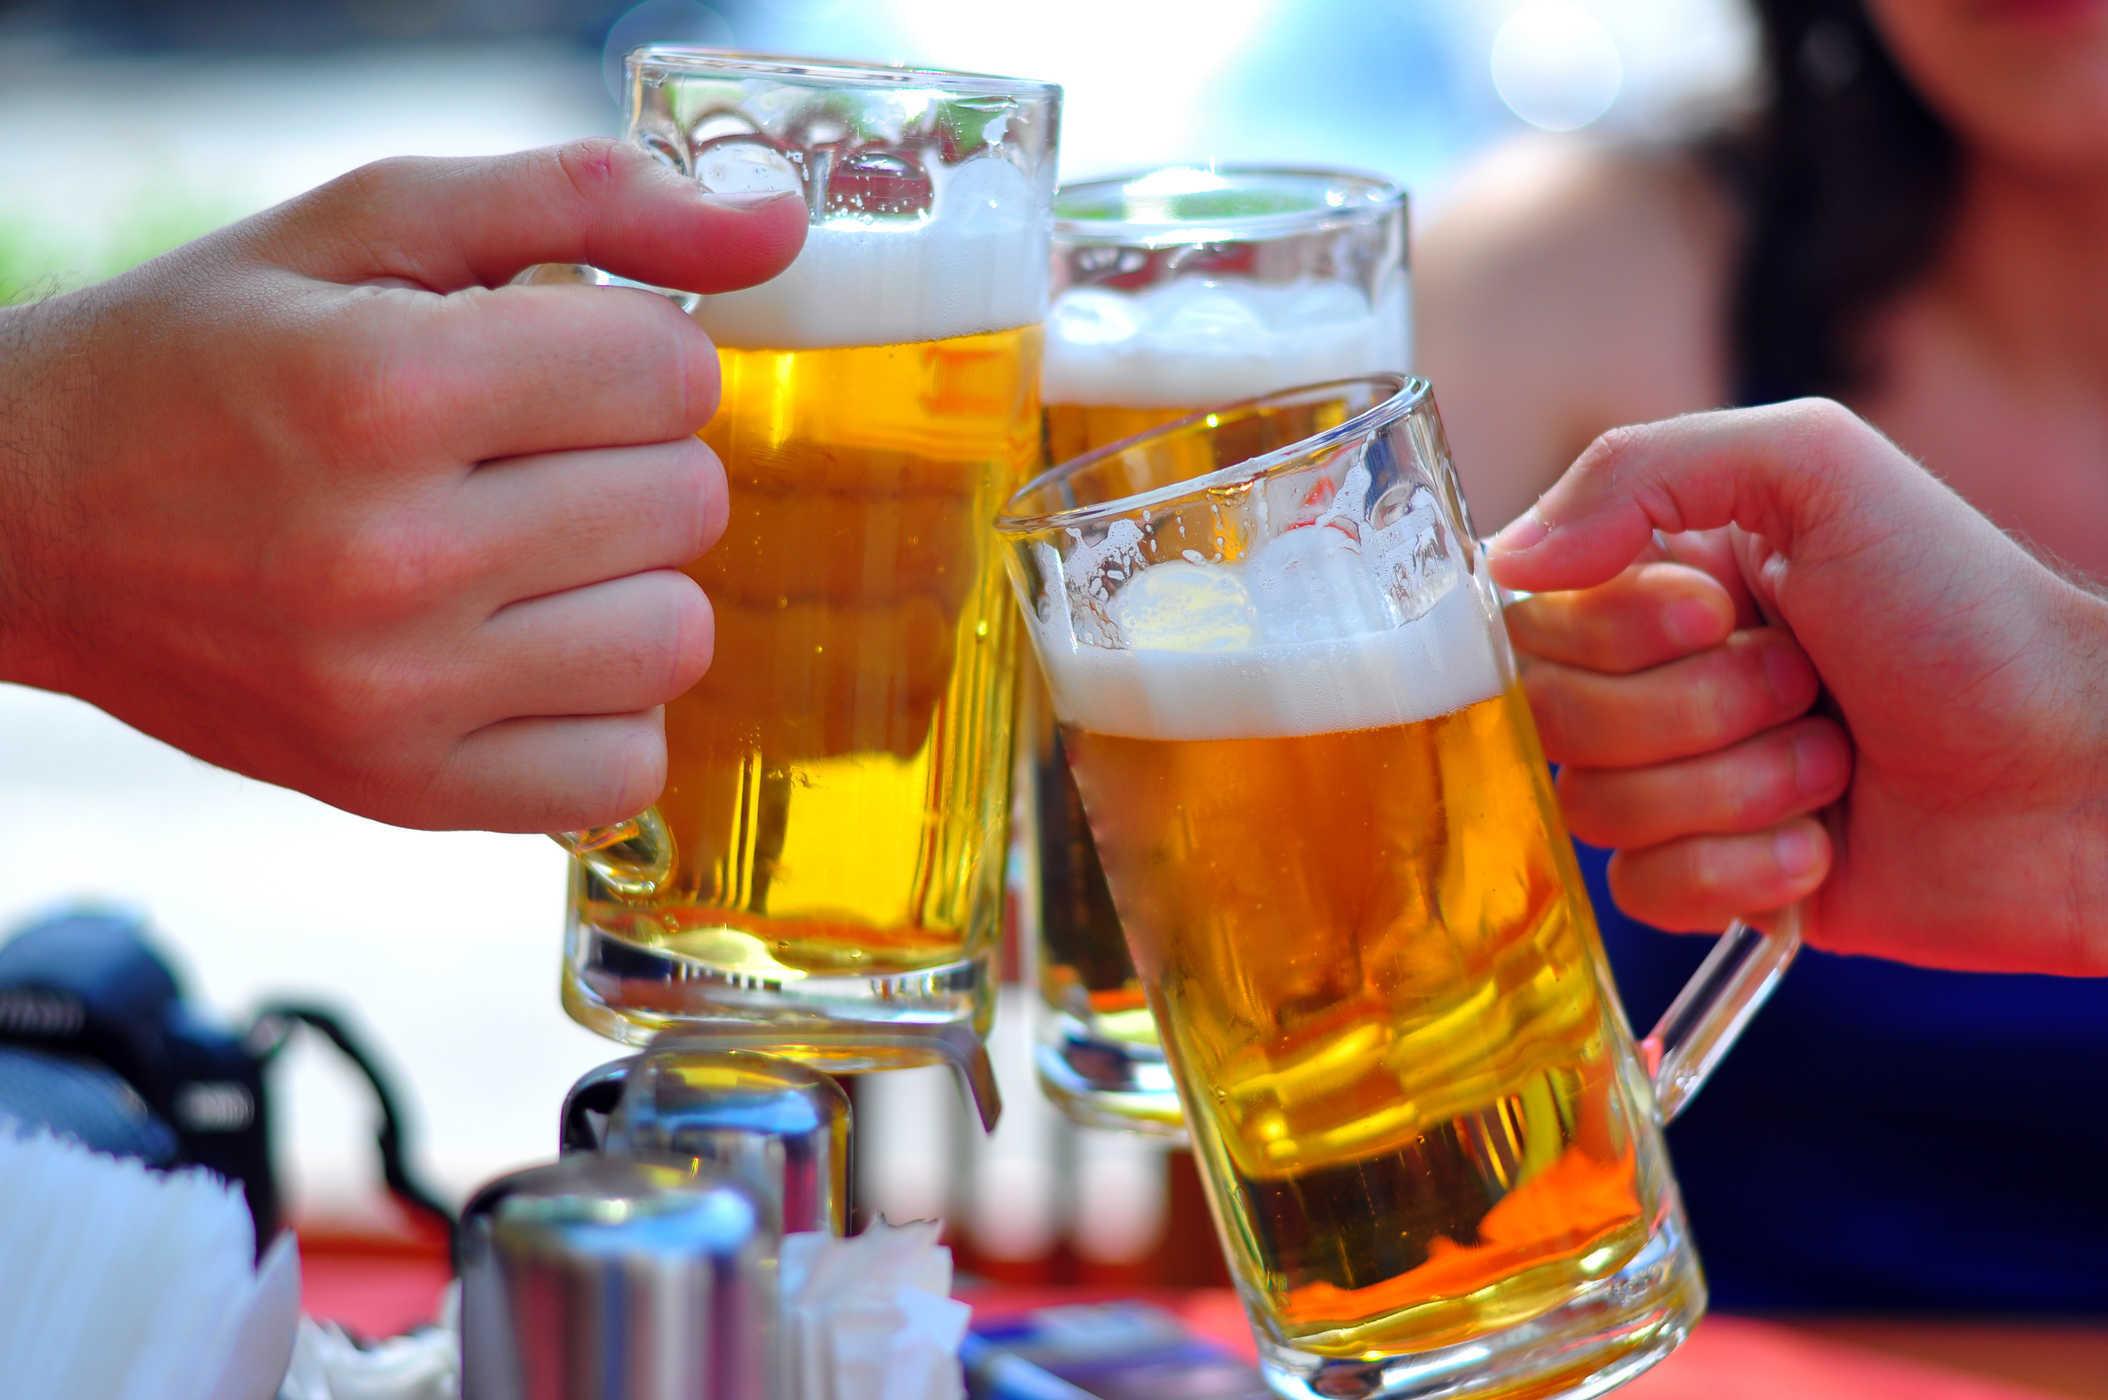 Những điều nên kiêng khi uống bia mọi người nên biết 1